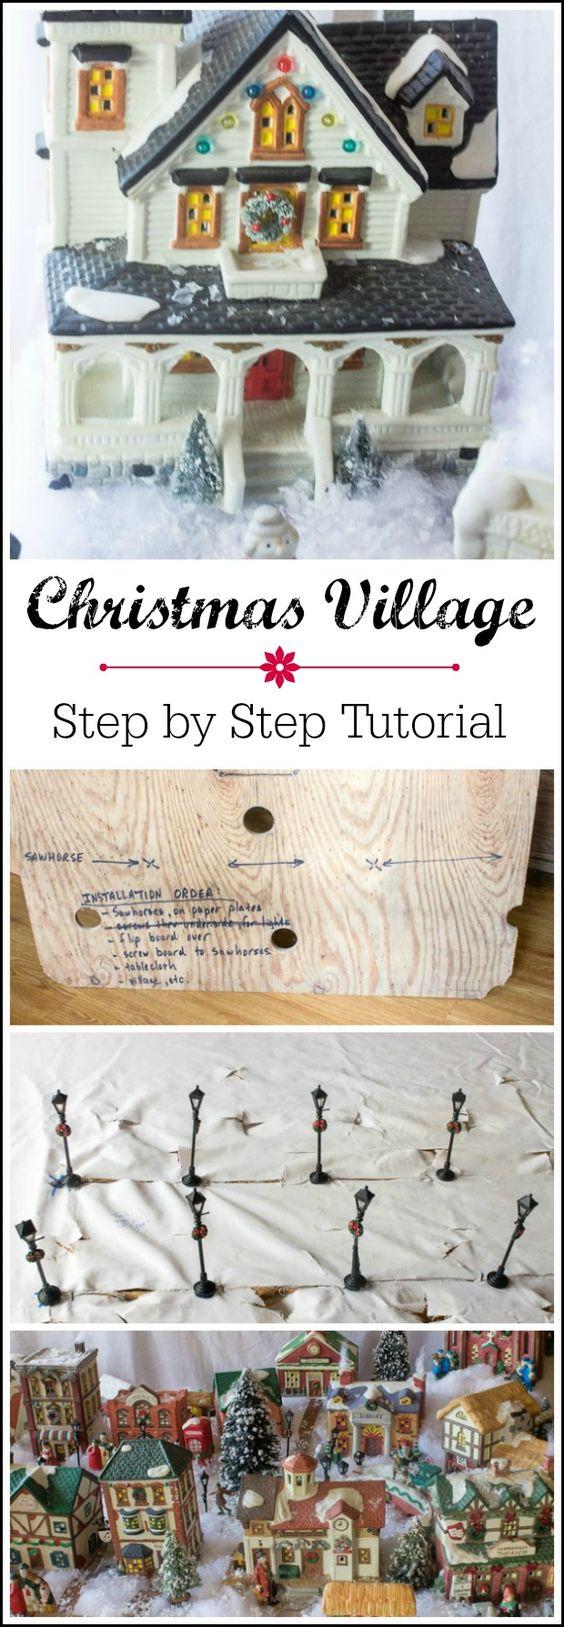 一步一步说明如何创建一个微型圣诞村庄显示与节俭的省钱技巧。孩子们老少都会喜欢它!